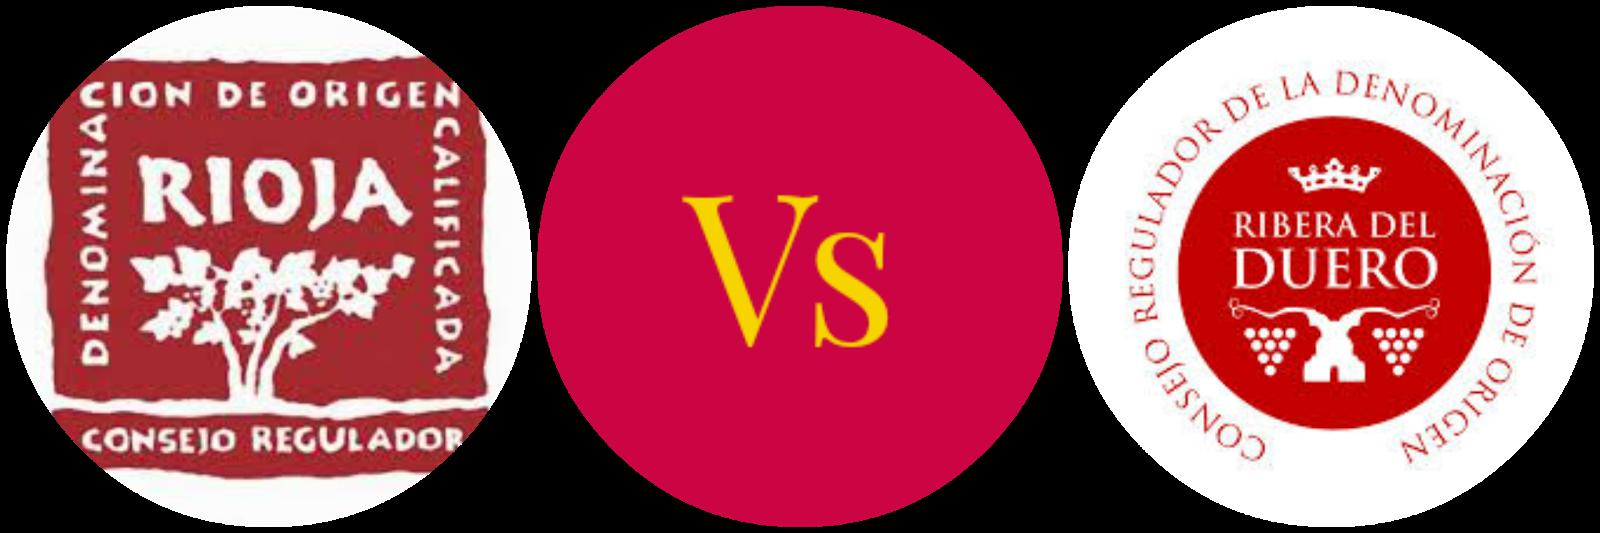 Distinguir entre Rioja y Ribera